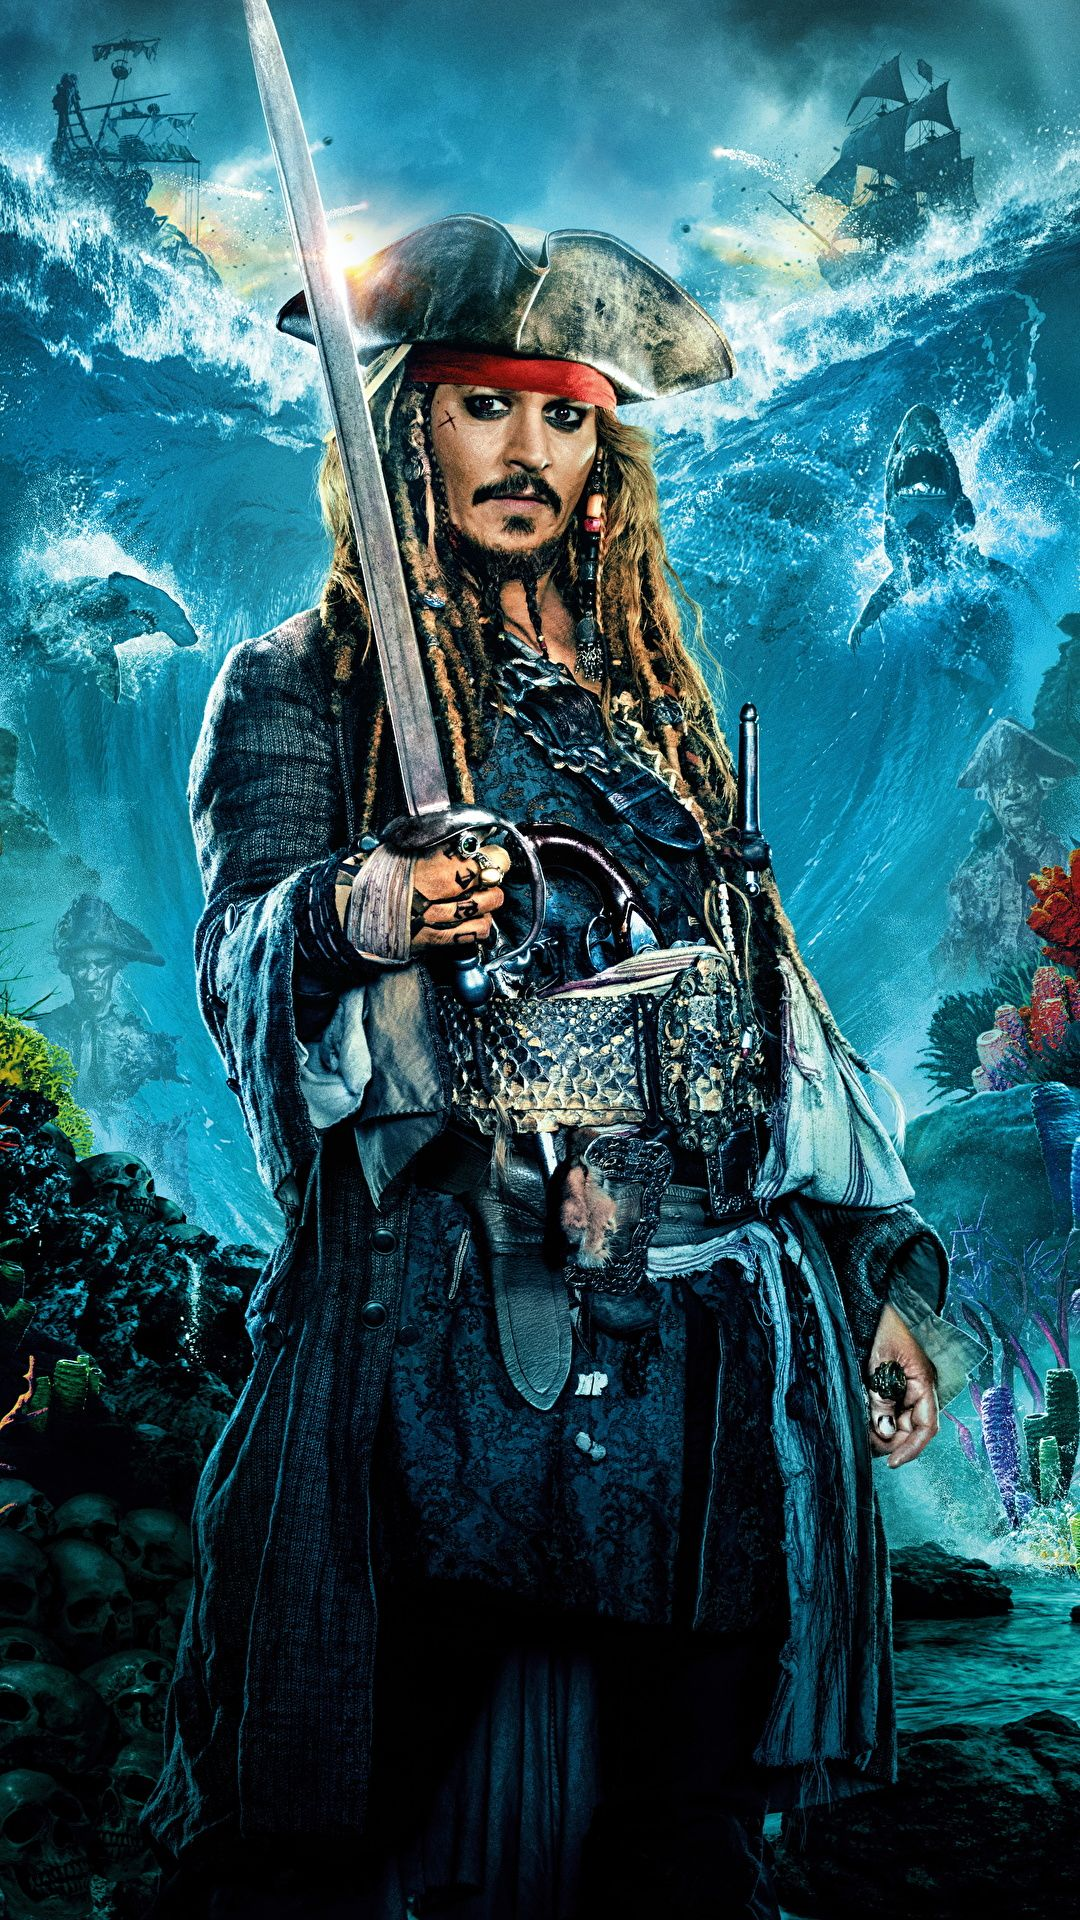 Fondos De Pantalla Para Celulares De Piratas Del Caribe 5 Wallpapers Hd Para Móviles Y Celulares Andr Piratas Del Caribe Piratas Del Caribe 3 Fotos De Piratas